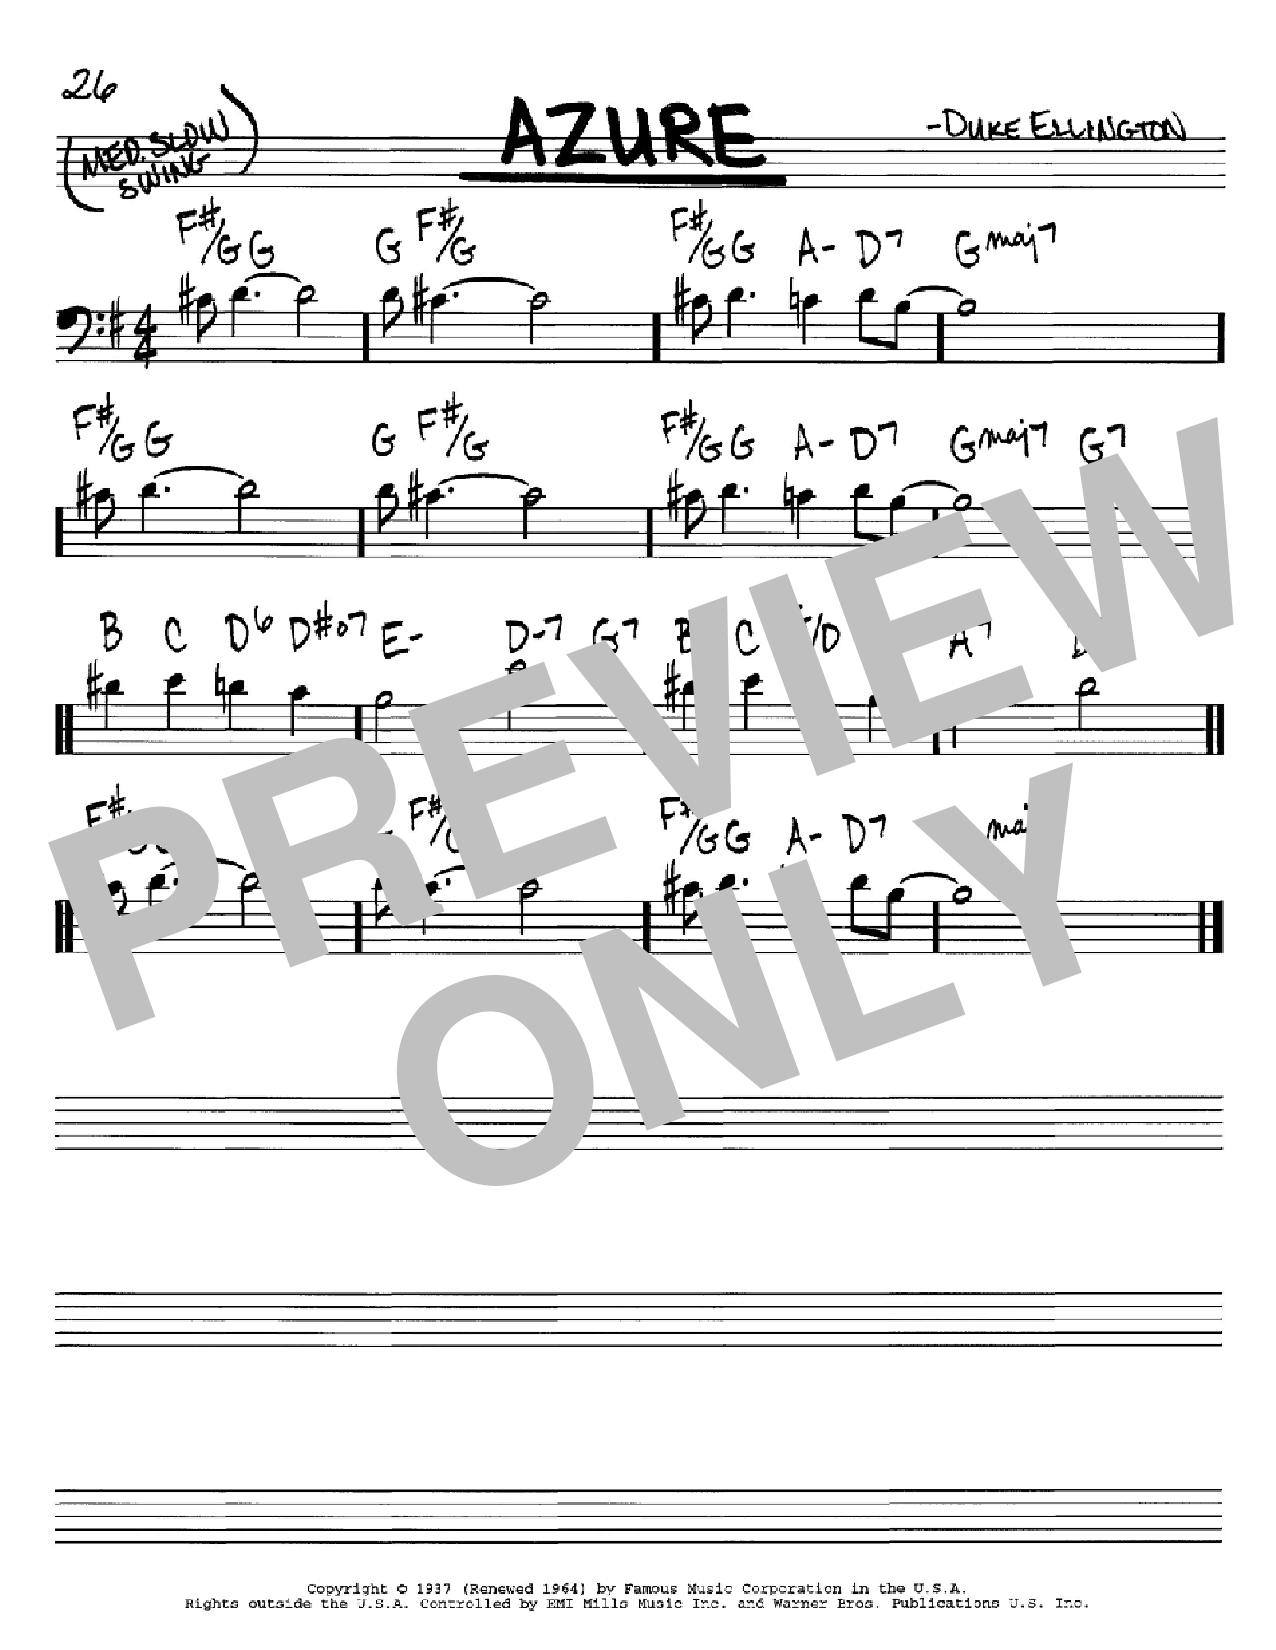 Partition autre Azure de Duke Ellington - Real Book, Melodie et Accords, Inst. En cle de Fa